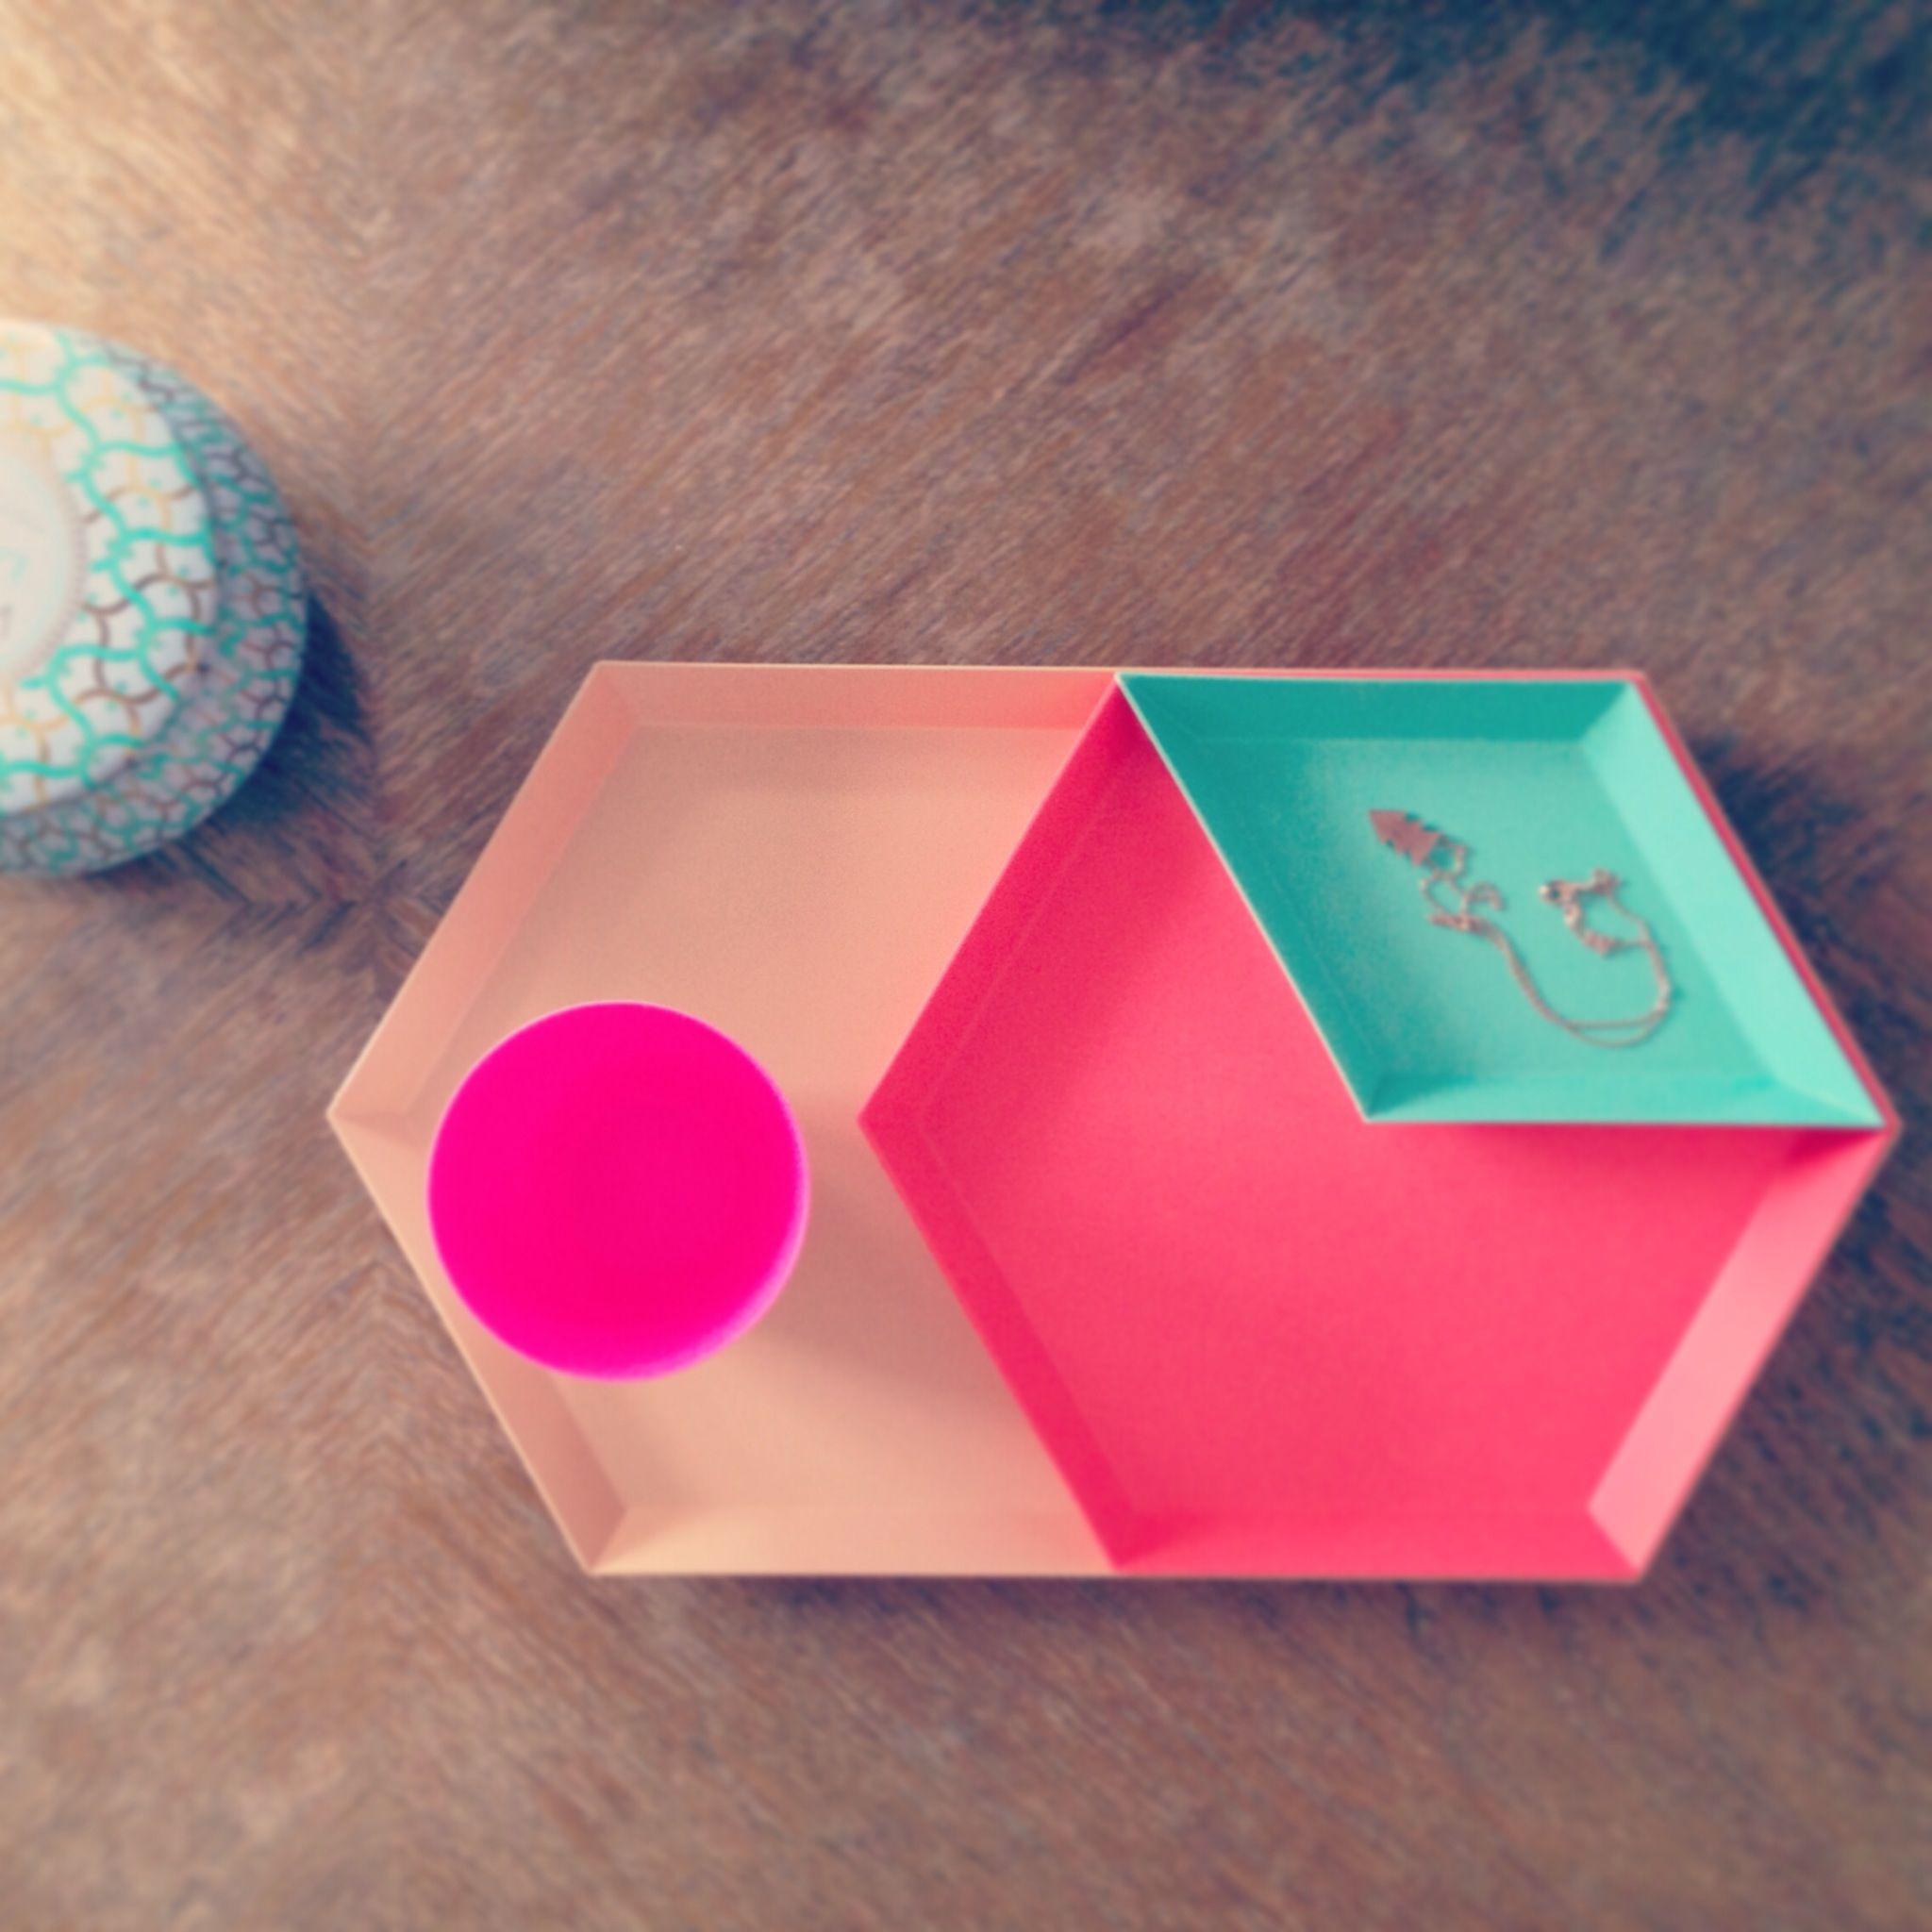 hay kaleido fin lilli favoritter pinterest. Black Bedroom Furniture Sets. Home Design Ideas